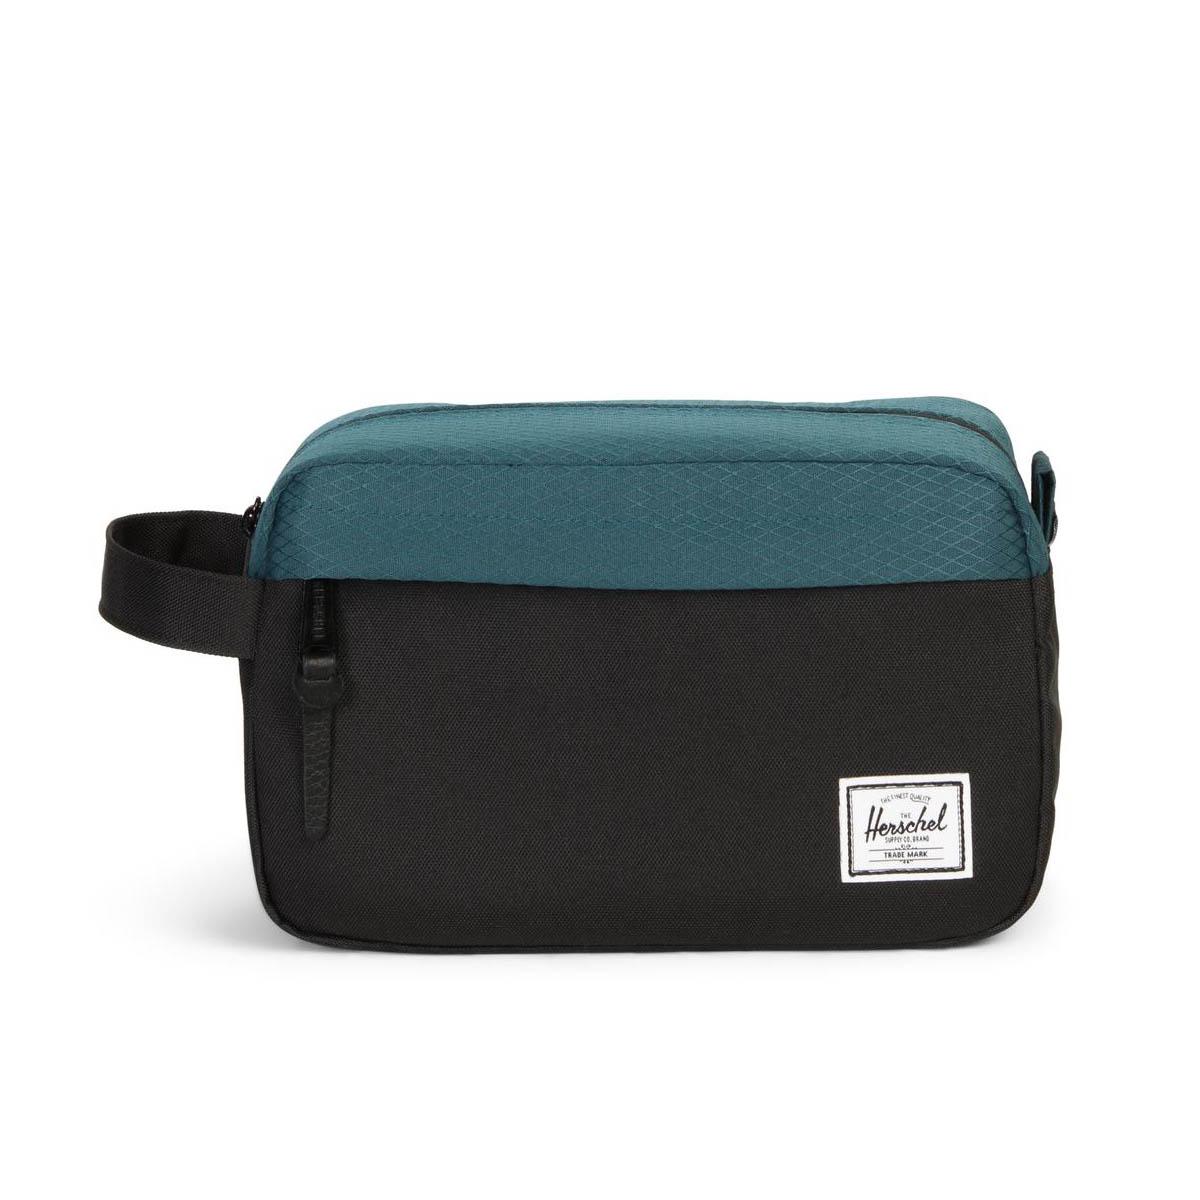 f07b89f6d1 Herschel Supply Co. Chapter Black / Teal Travel Kit Bag 828432229154 ...